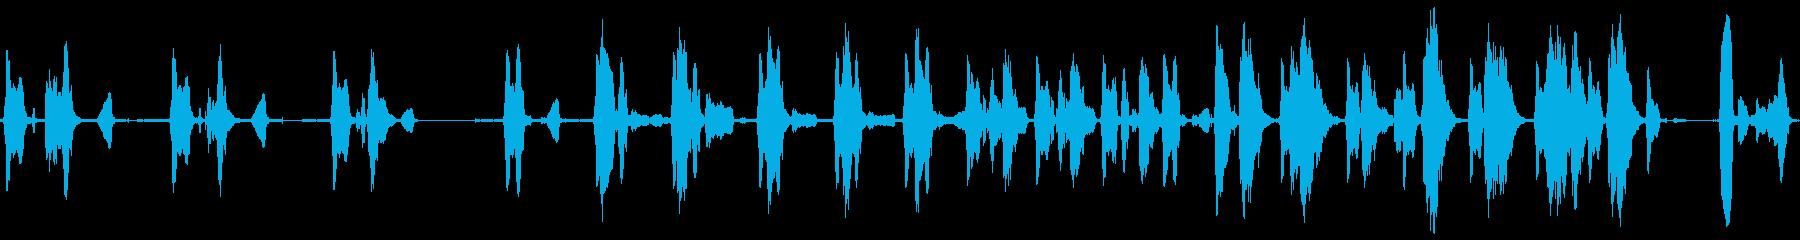 三輪車のスクイーズの再生済みの波形